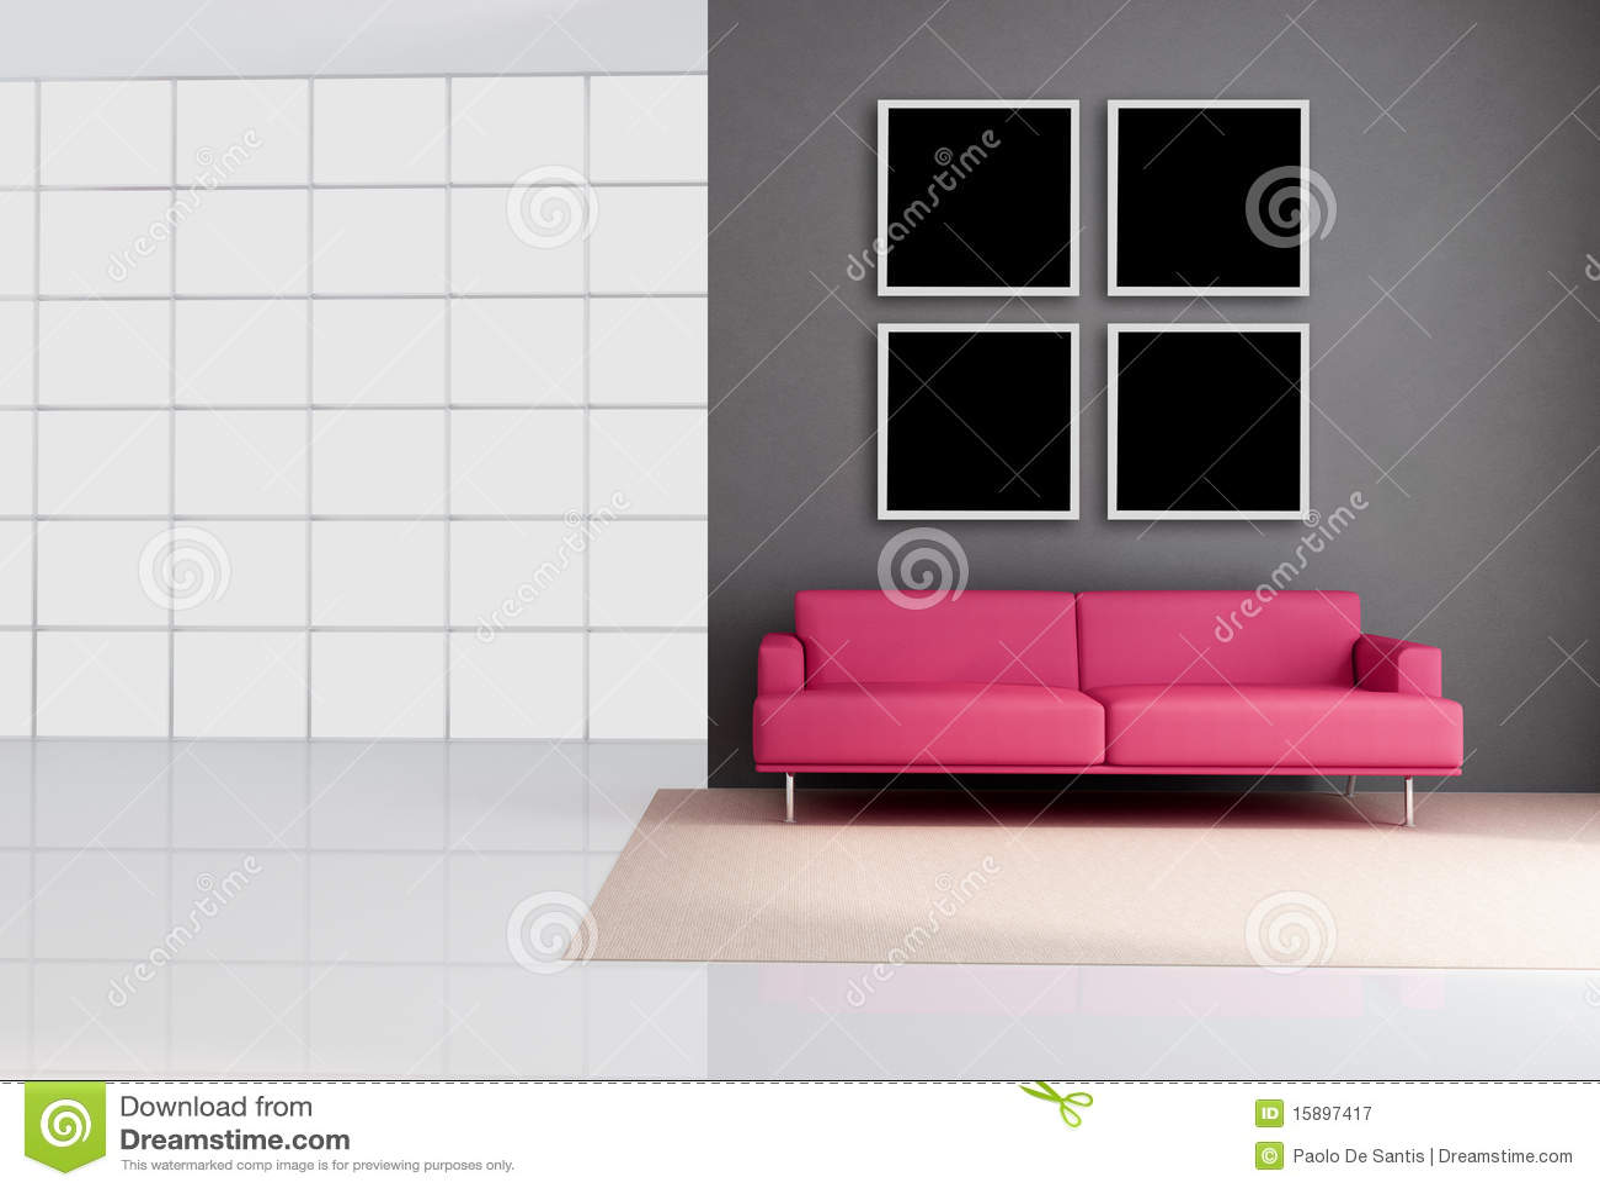 Minimalist Lounge Royalty Free Stock Photography Image